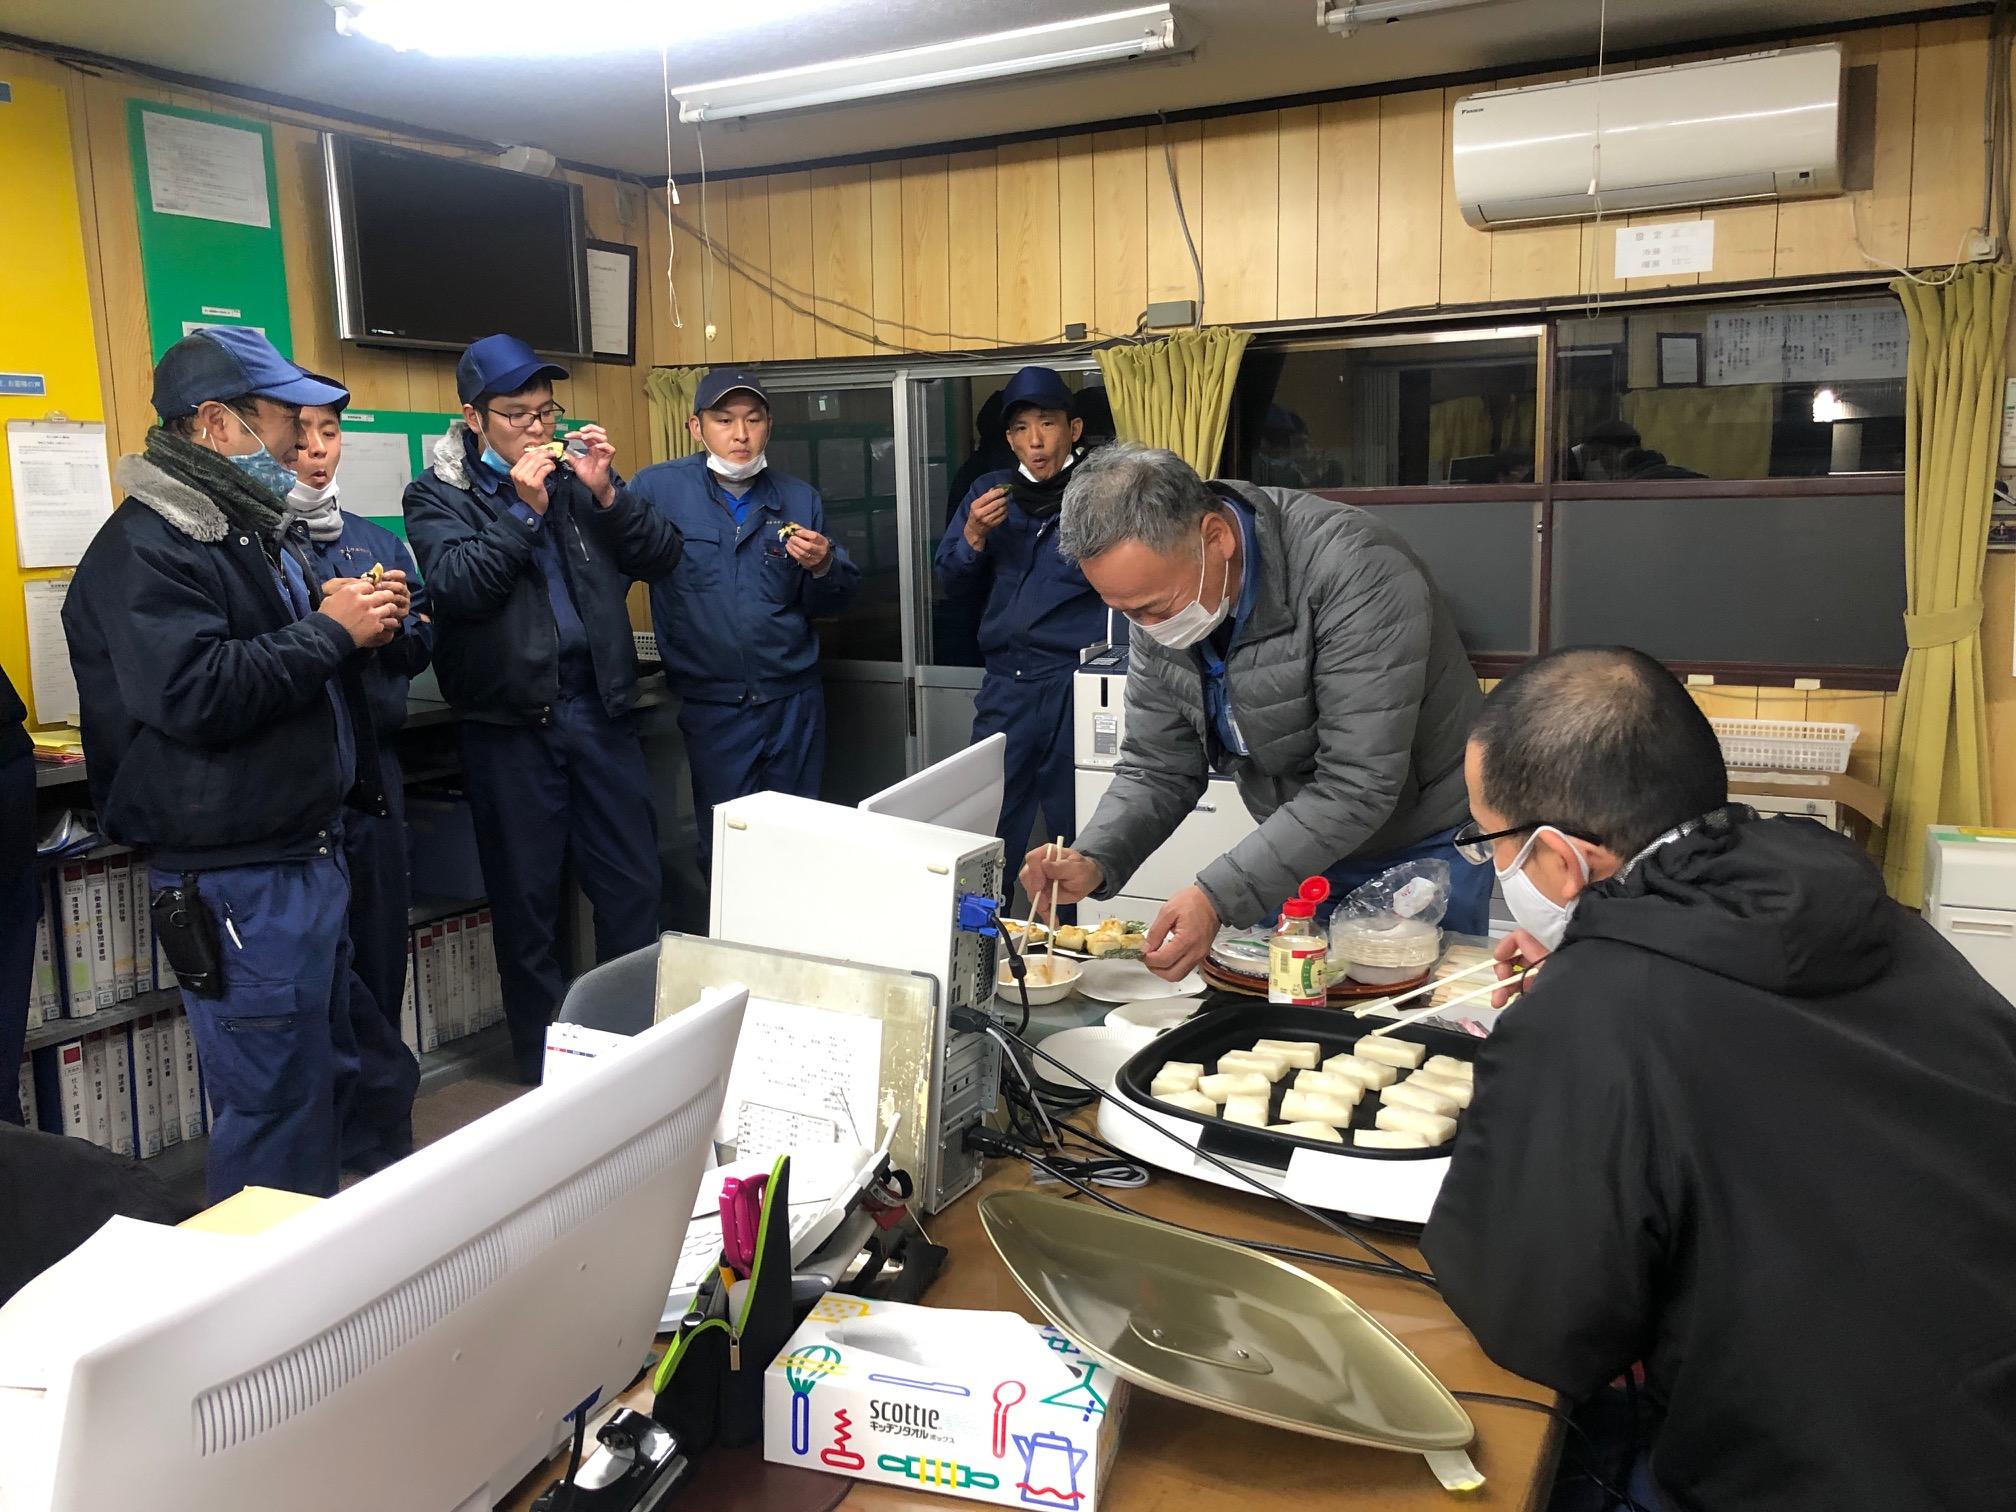 お餅を食べるサービスマンと、お餅を焼く社長と営業部長の写真